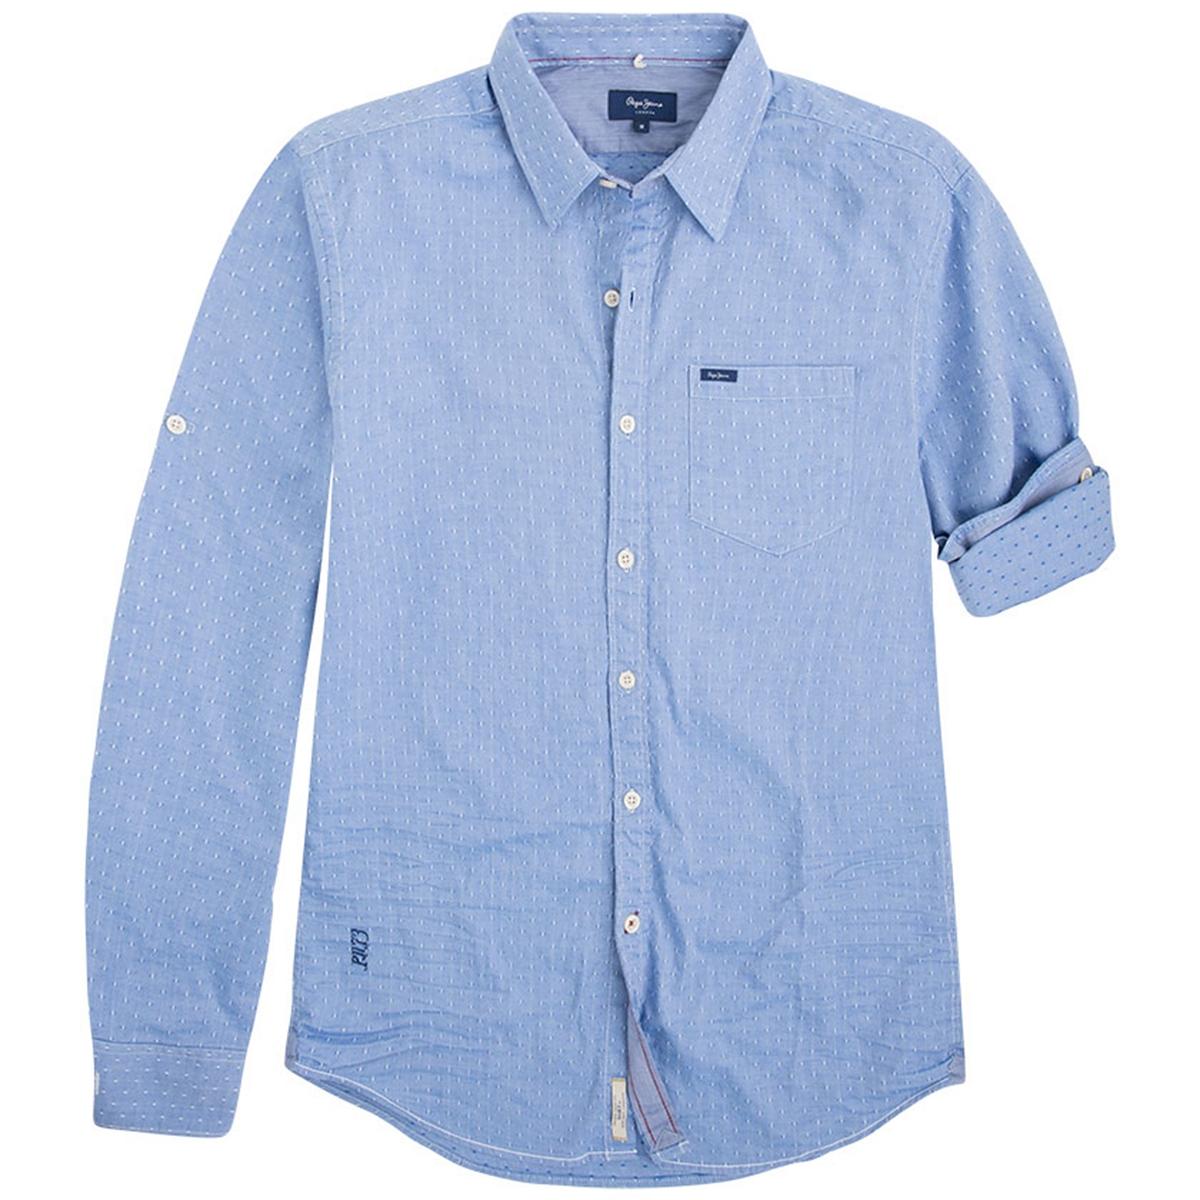 Рубашка с длинными рукавамиДетали  •  Длинные рукава  •  Приталенный покрой   •  Классический воротник •  Жаккардовый рисунокСостав и уход  •  100% хлопок  •  Следуйте советам по уходу, указанным на этикетке<br><br>Цвет: небесно-голубой